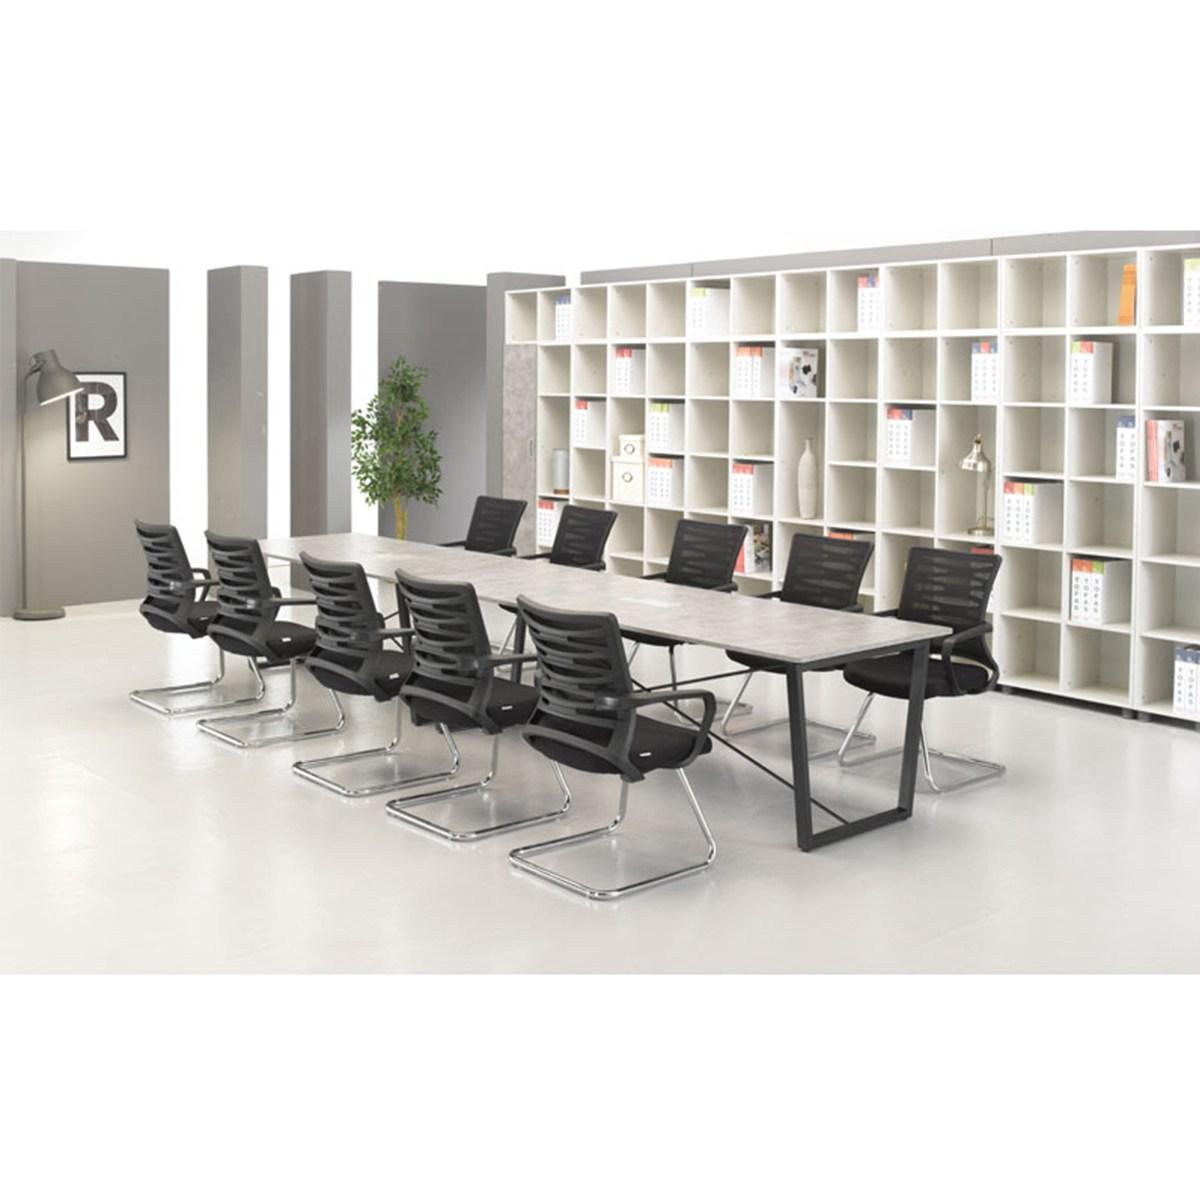 덴디 회의용 테이블 1200/1500/1800/2400, 콘크리트, 화이트